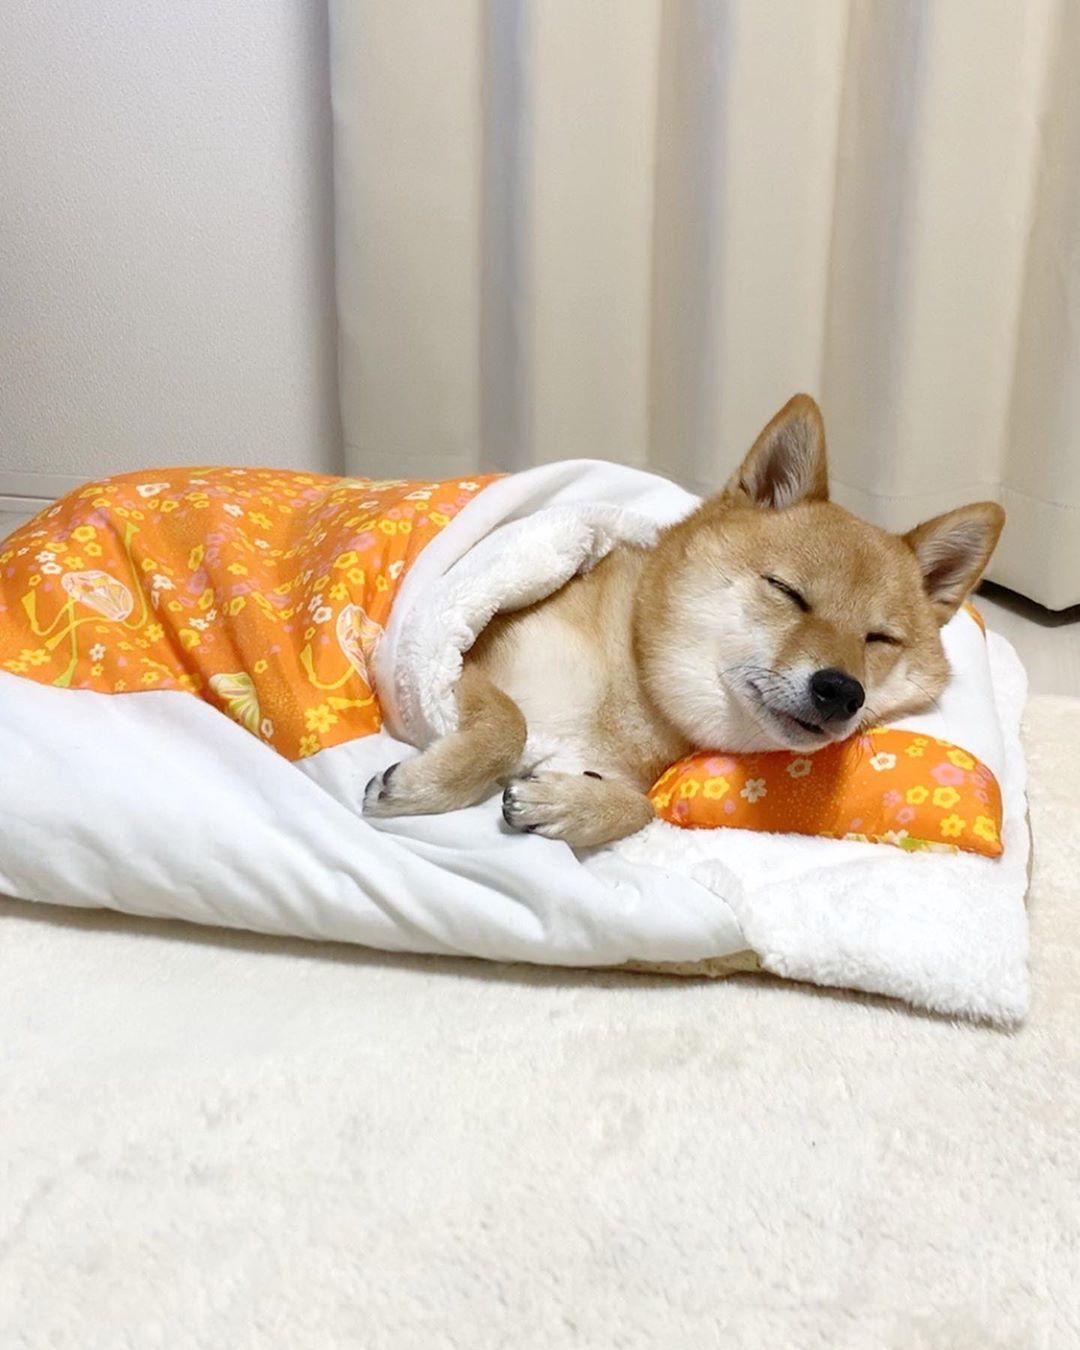 睡遍各種的姿勢「懂睡豆柴」IG爆紅 學主人「抱娃娃睡覺」萌翻所有粉絲!